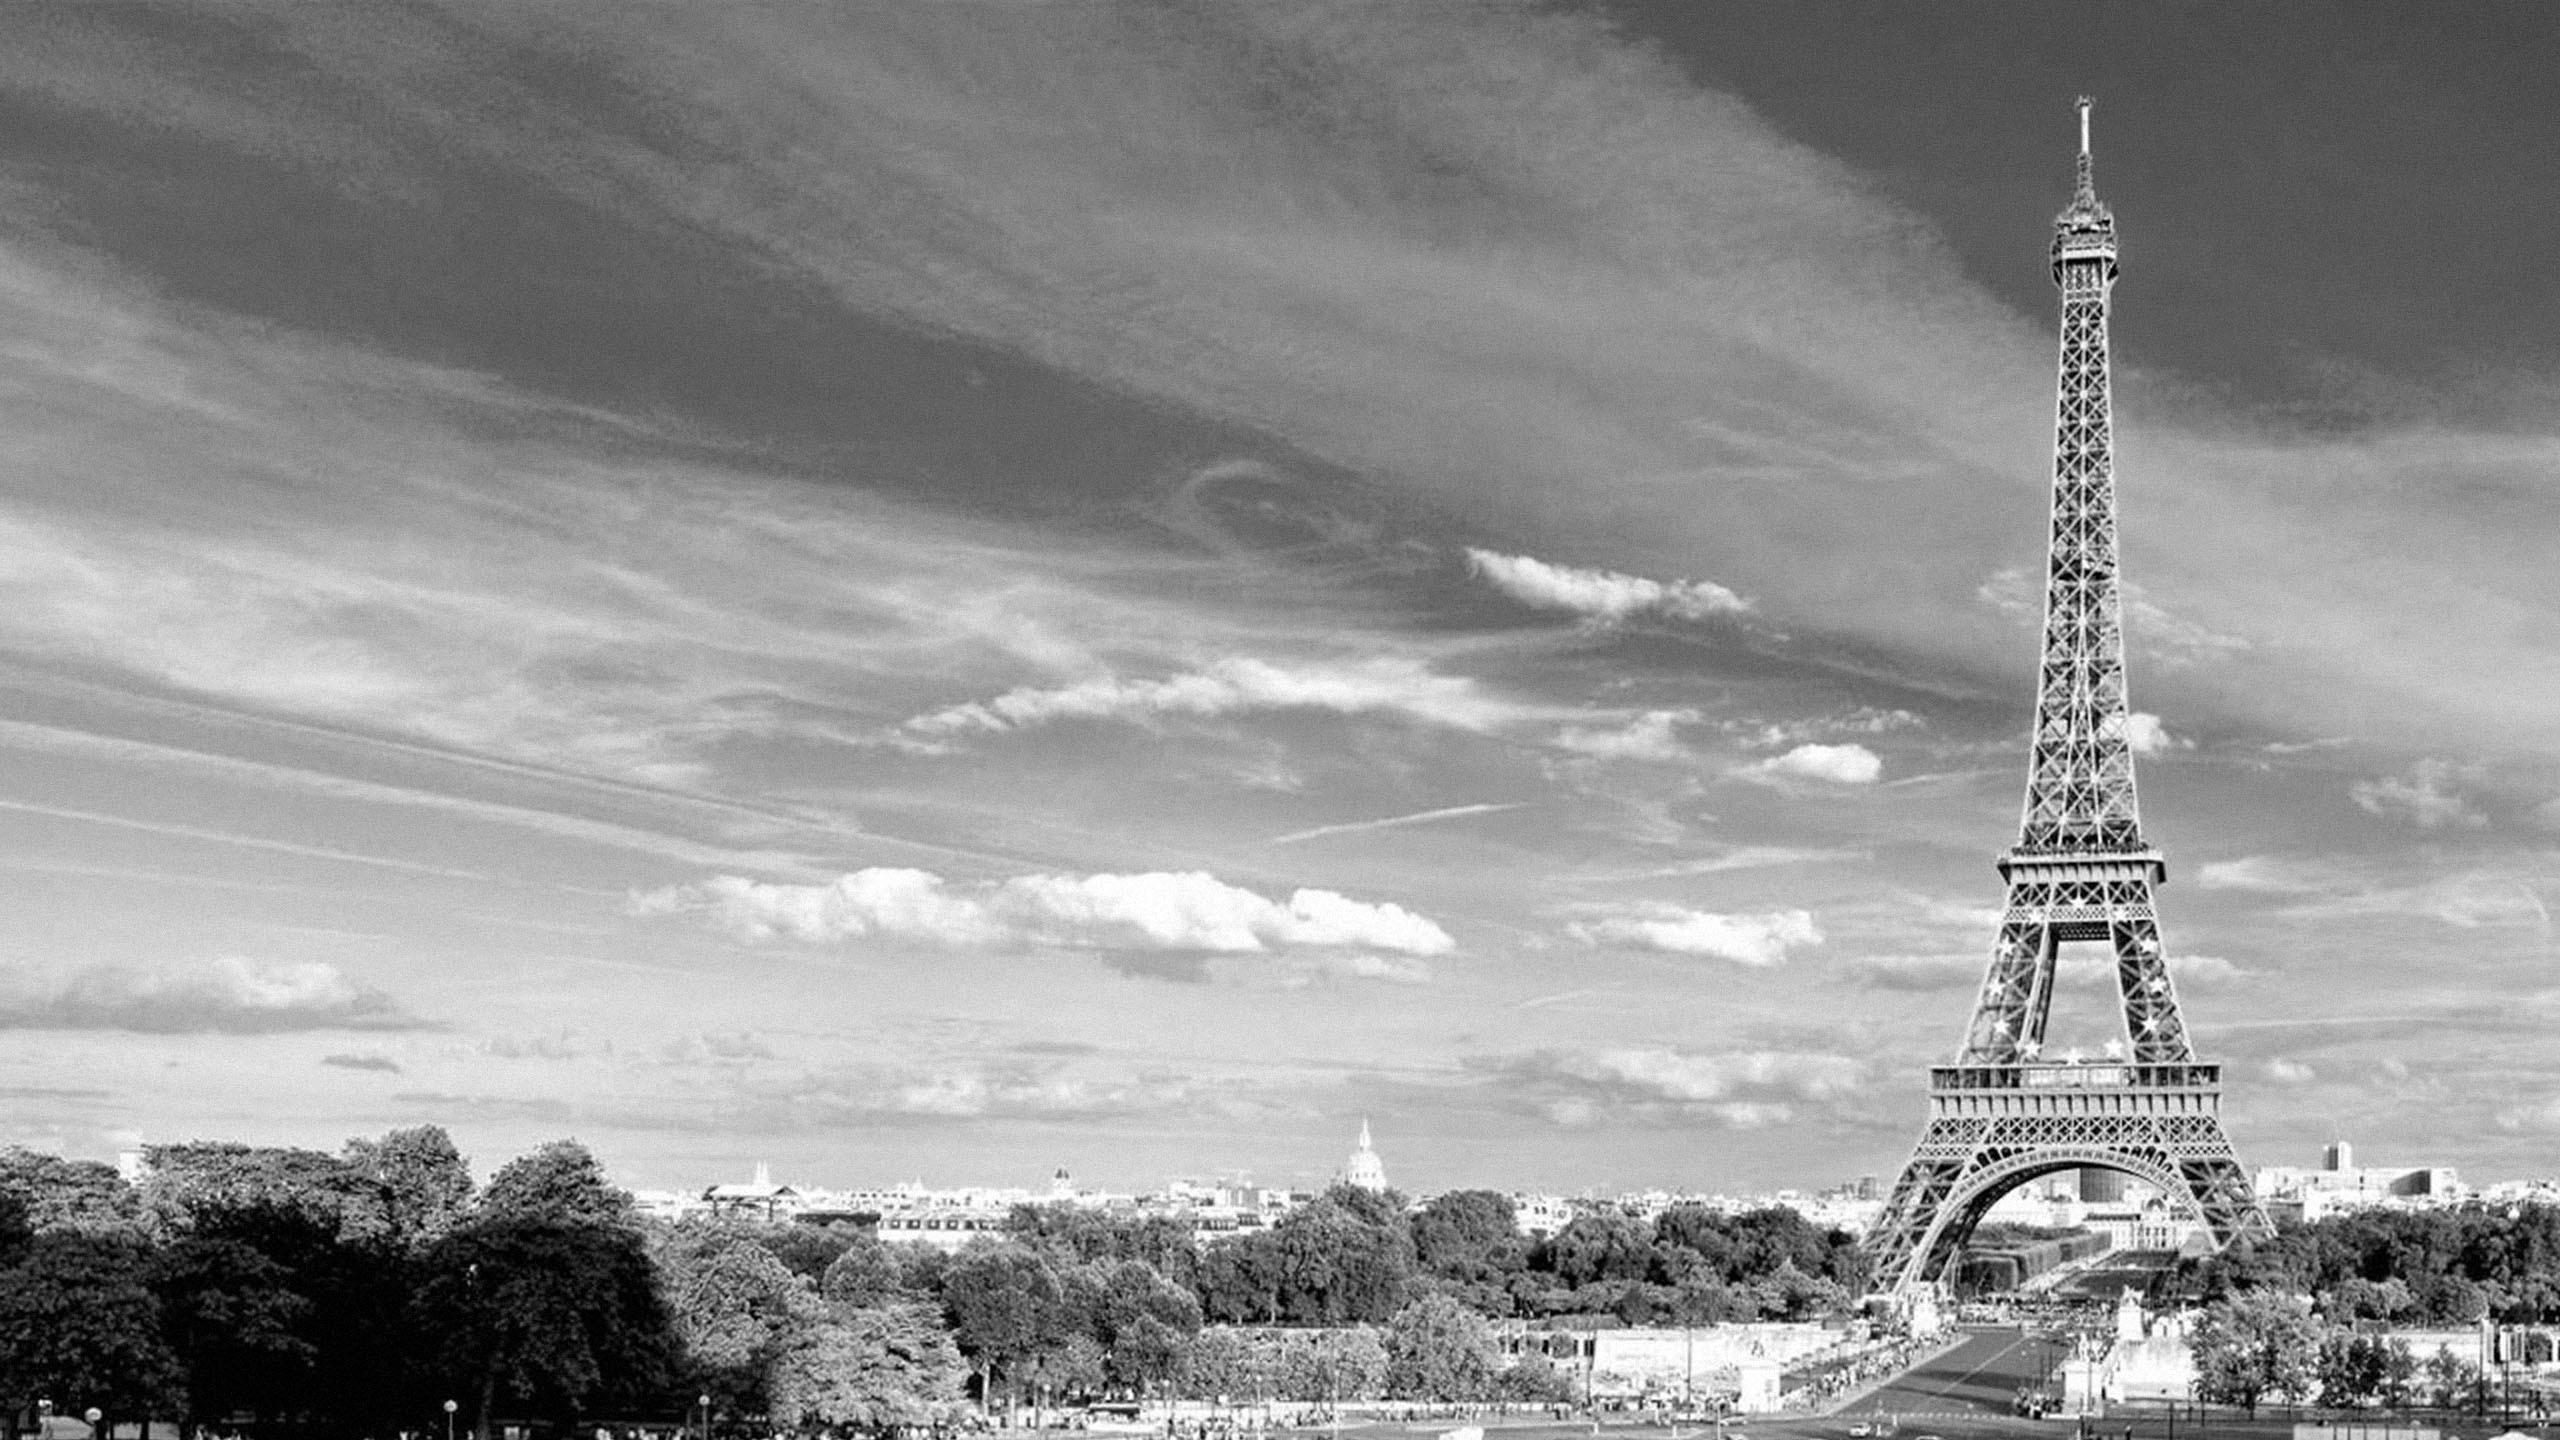 Eiffel Tower Paris Black And White Photos 01 Data Src Paris Background Black And White 2560x1440 Wallpaper Teahub Io